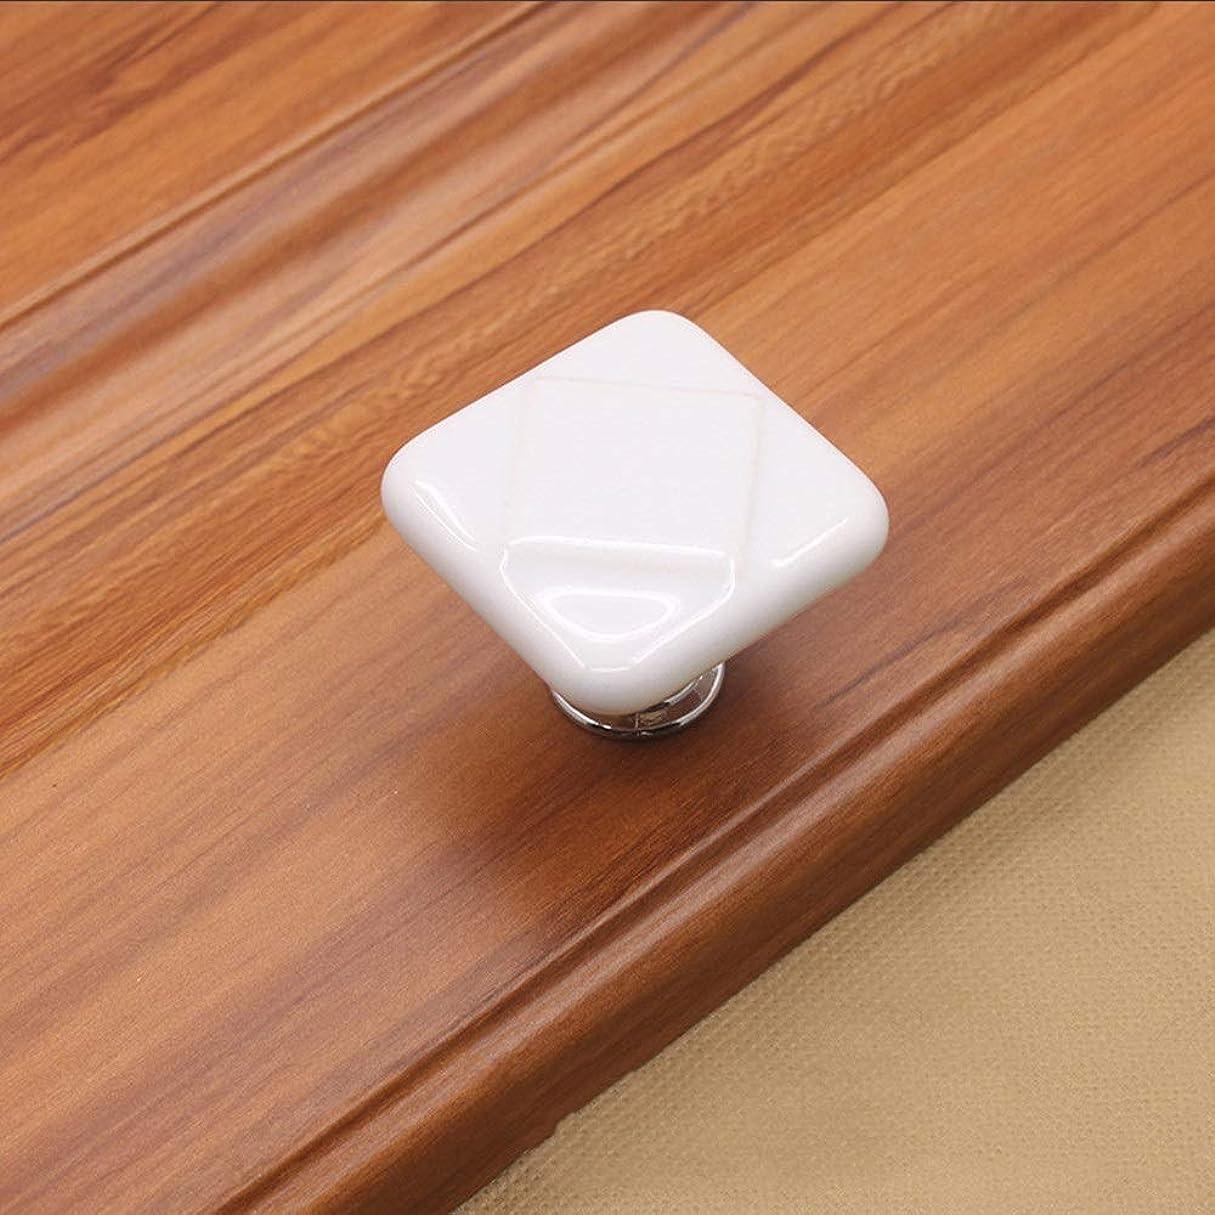 致命的な抜粋マトンドアハンドル 5ピースクリスタルドアハンドル30ミリメートルキャビネット引き出しドレッサーとドアキャビネットノブハンドル用ホームとオフィス このアームレストは、トイレ、キッチン、階段、バスルーム、ランドリールームで広く使用されています (Color : White, Size : 31mm)